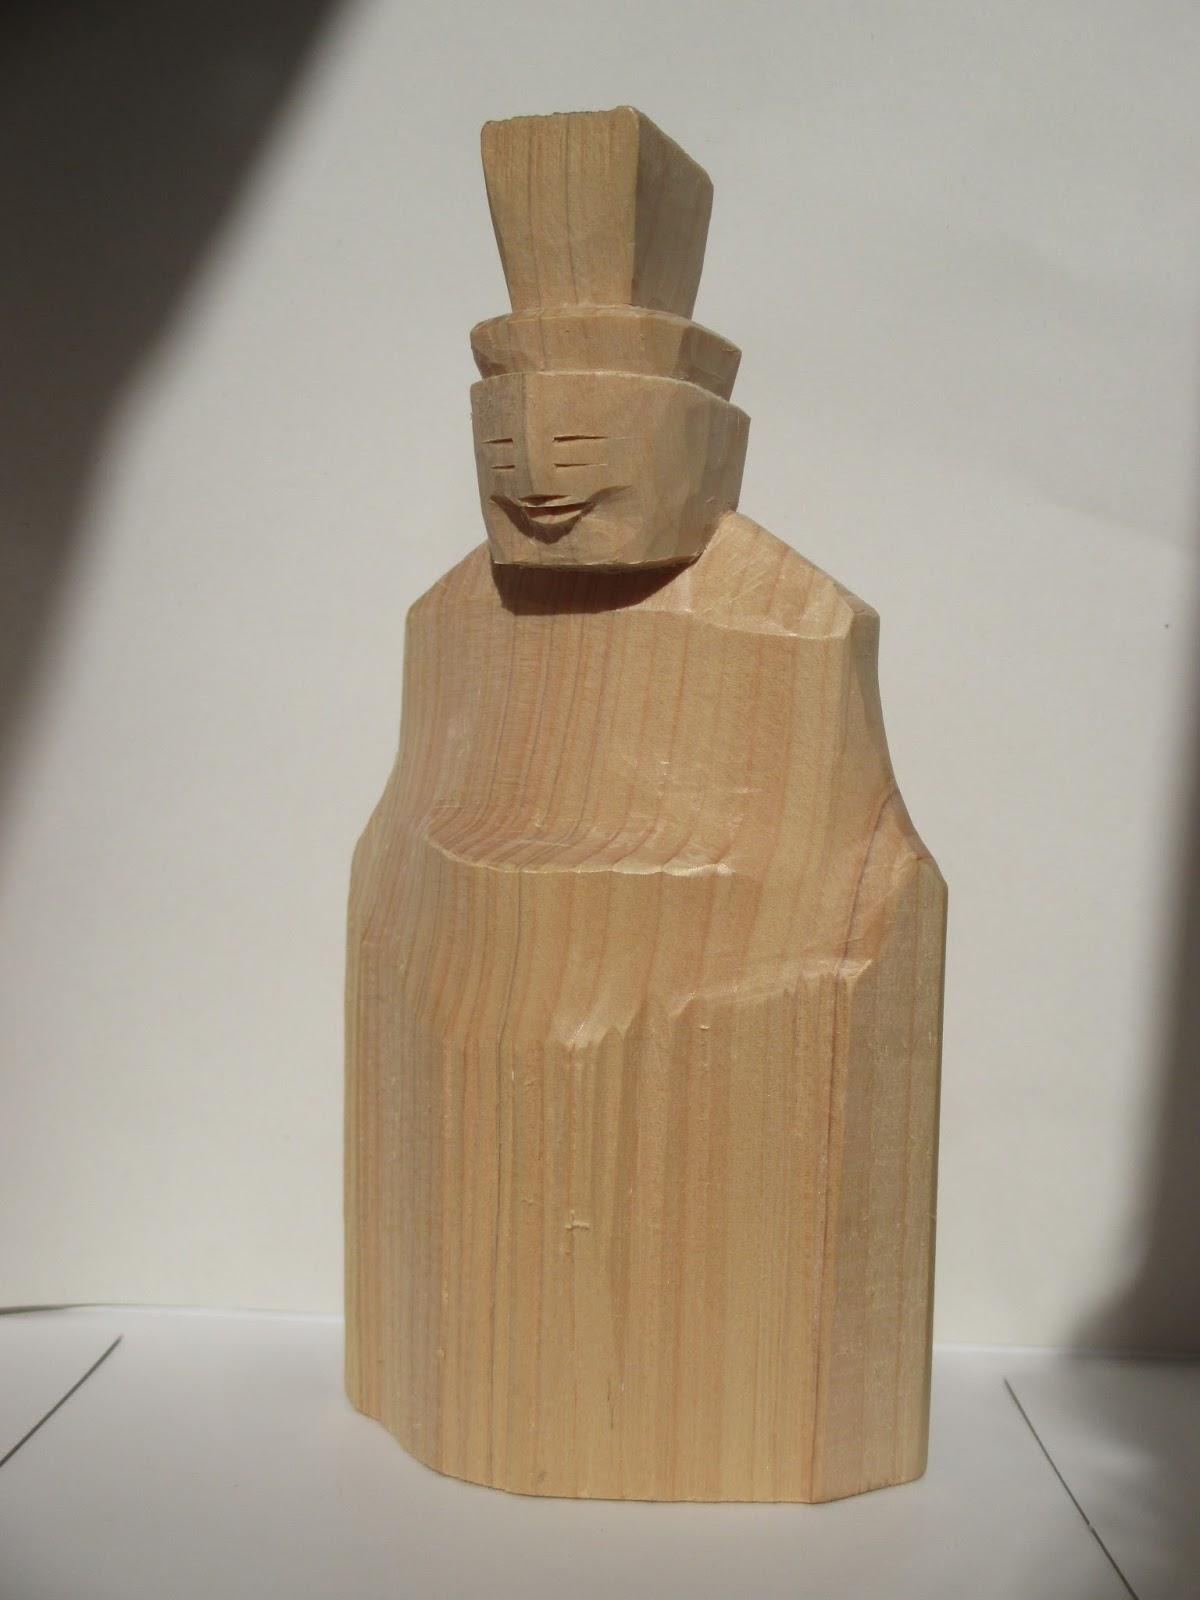 東海・旅の足跡 2: vol.1203 円空彫り 模刻の神像 造仏作善